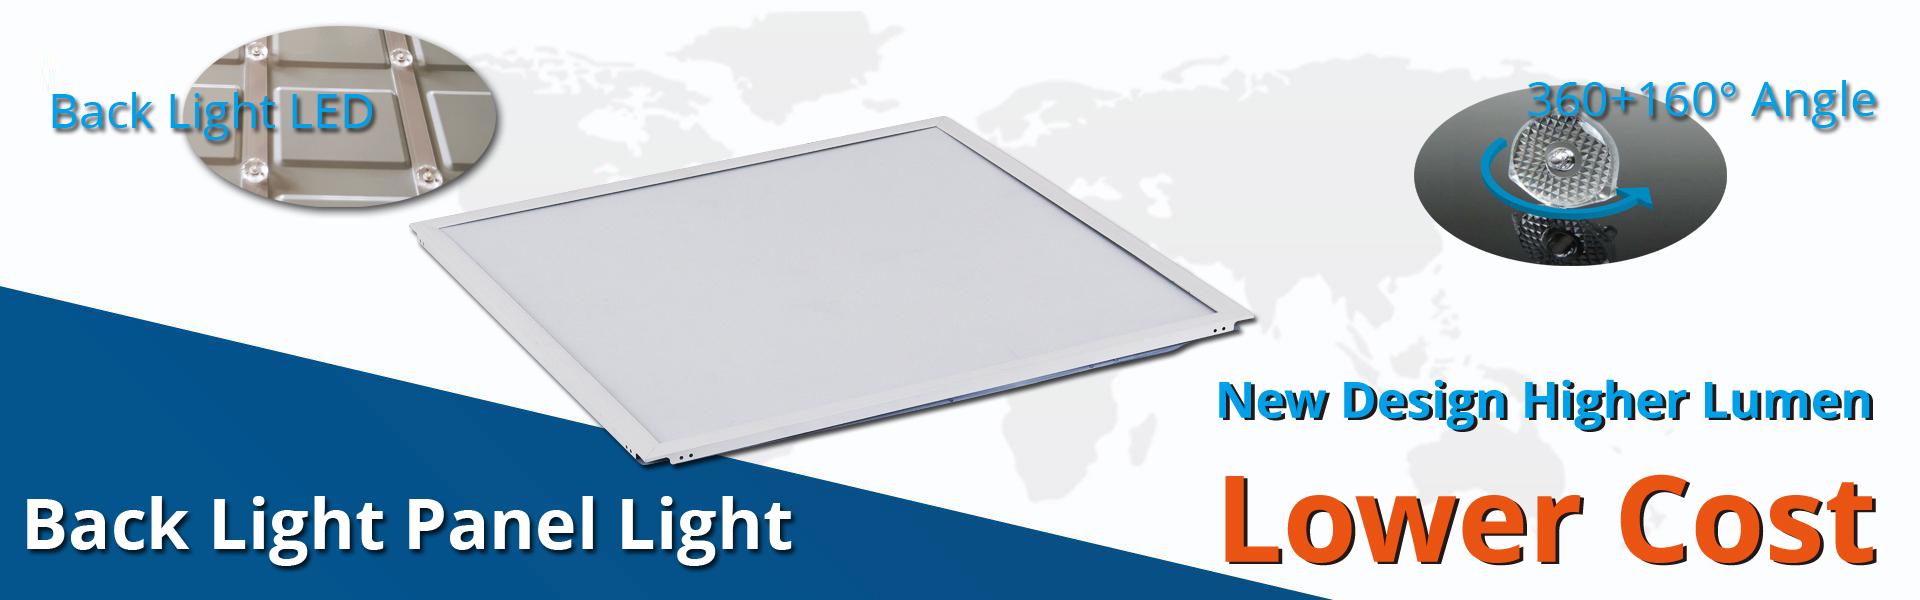 led back light panel light higher lumen lower cost